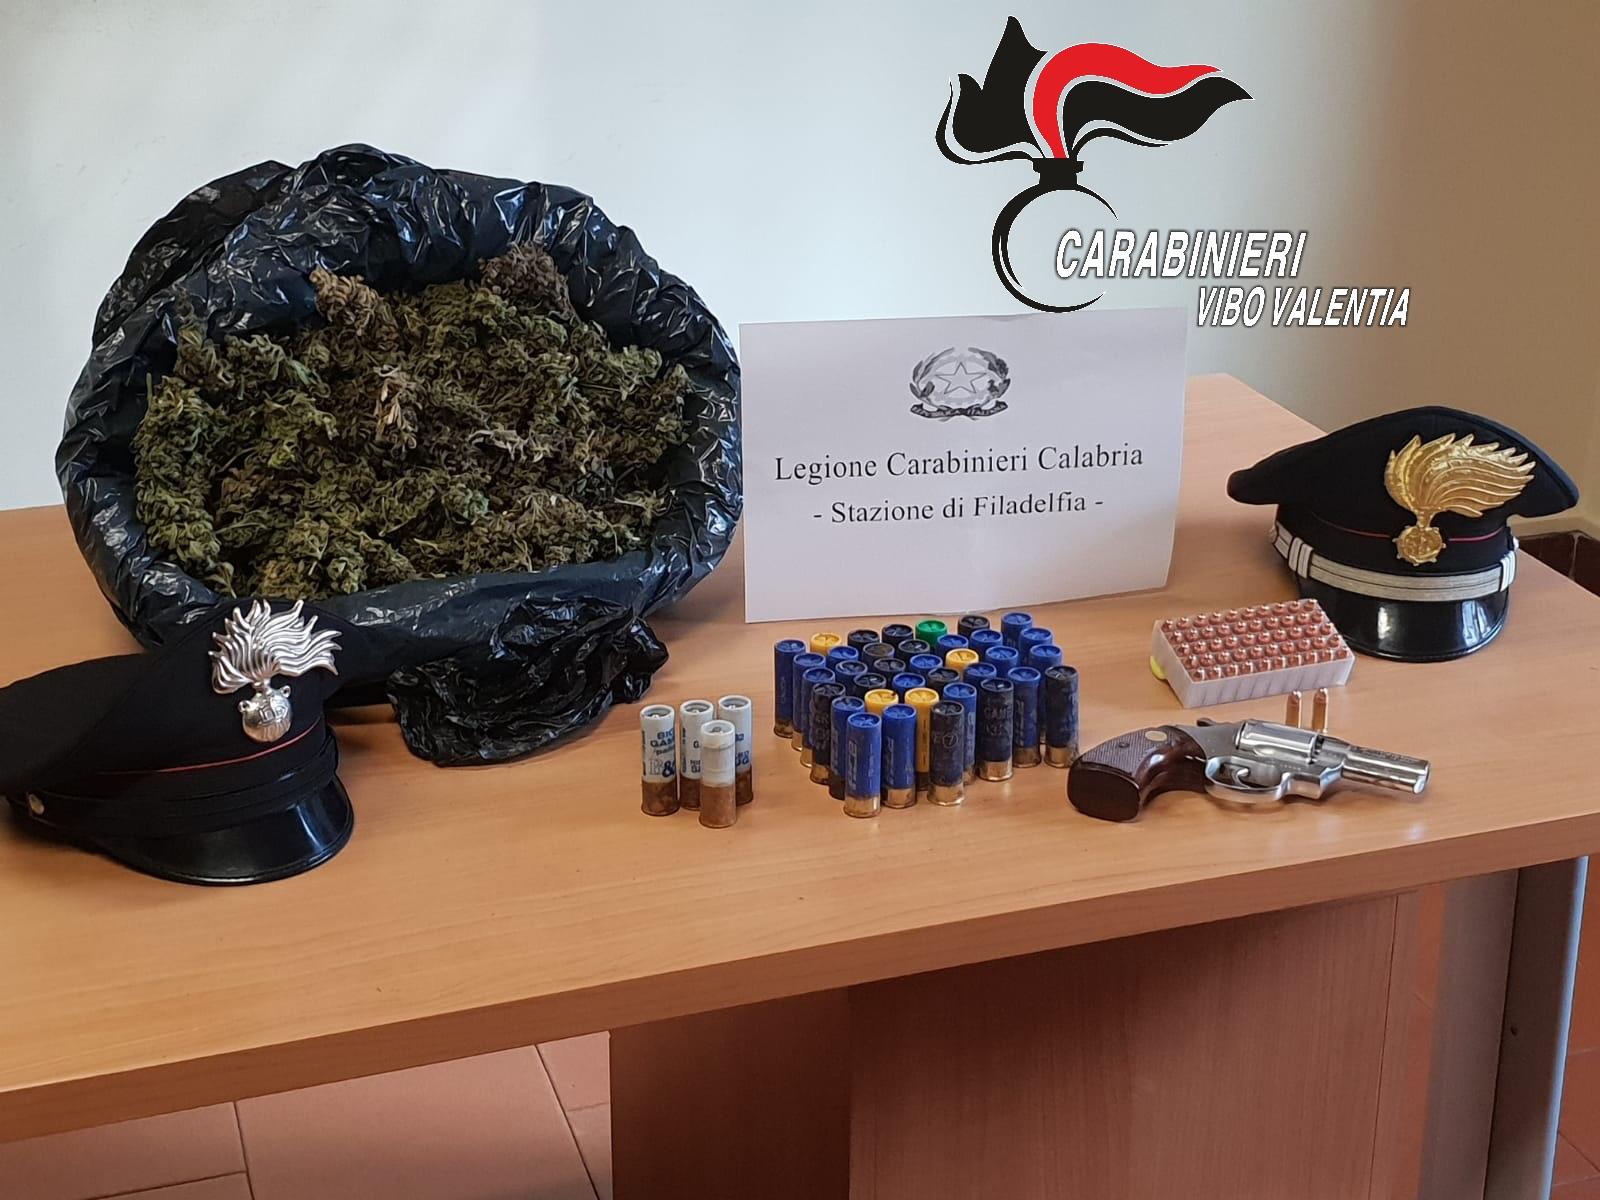 Armi e droga nascosti in un casolare nel viboneseI carabinieri indagano per identificare il proprietario